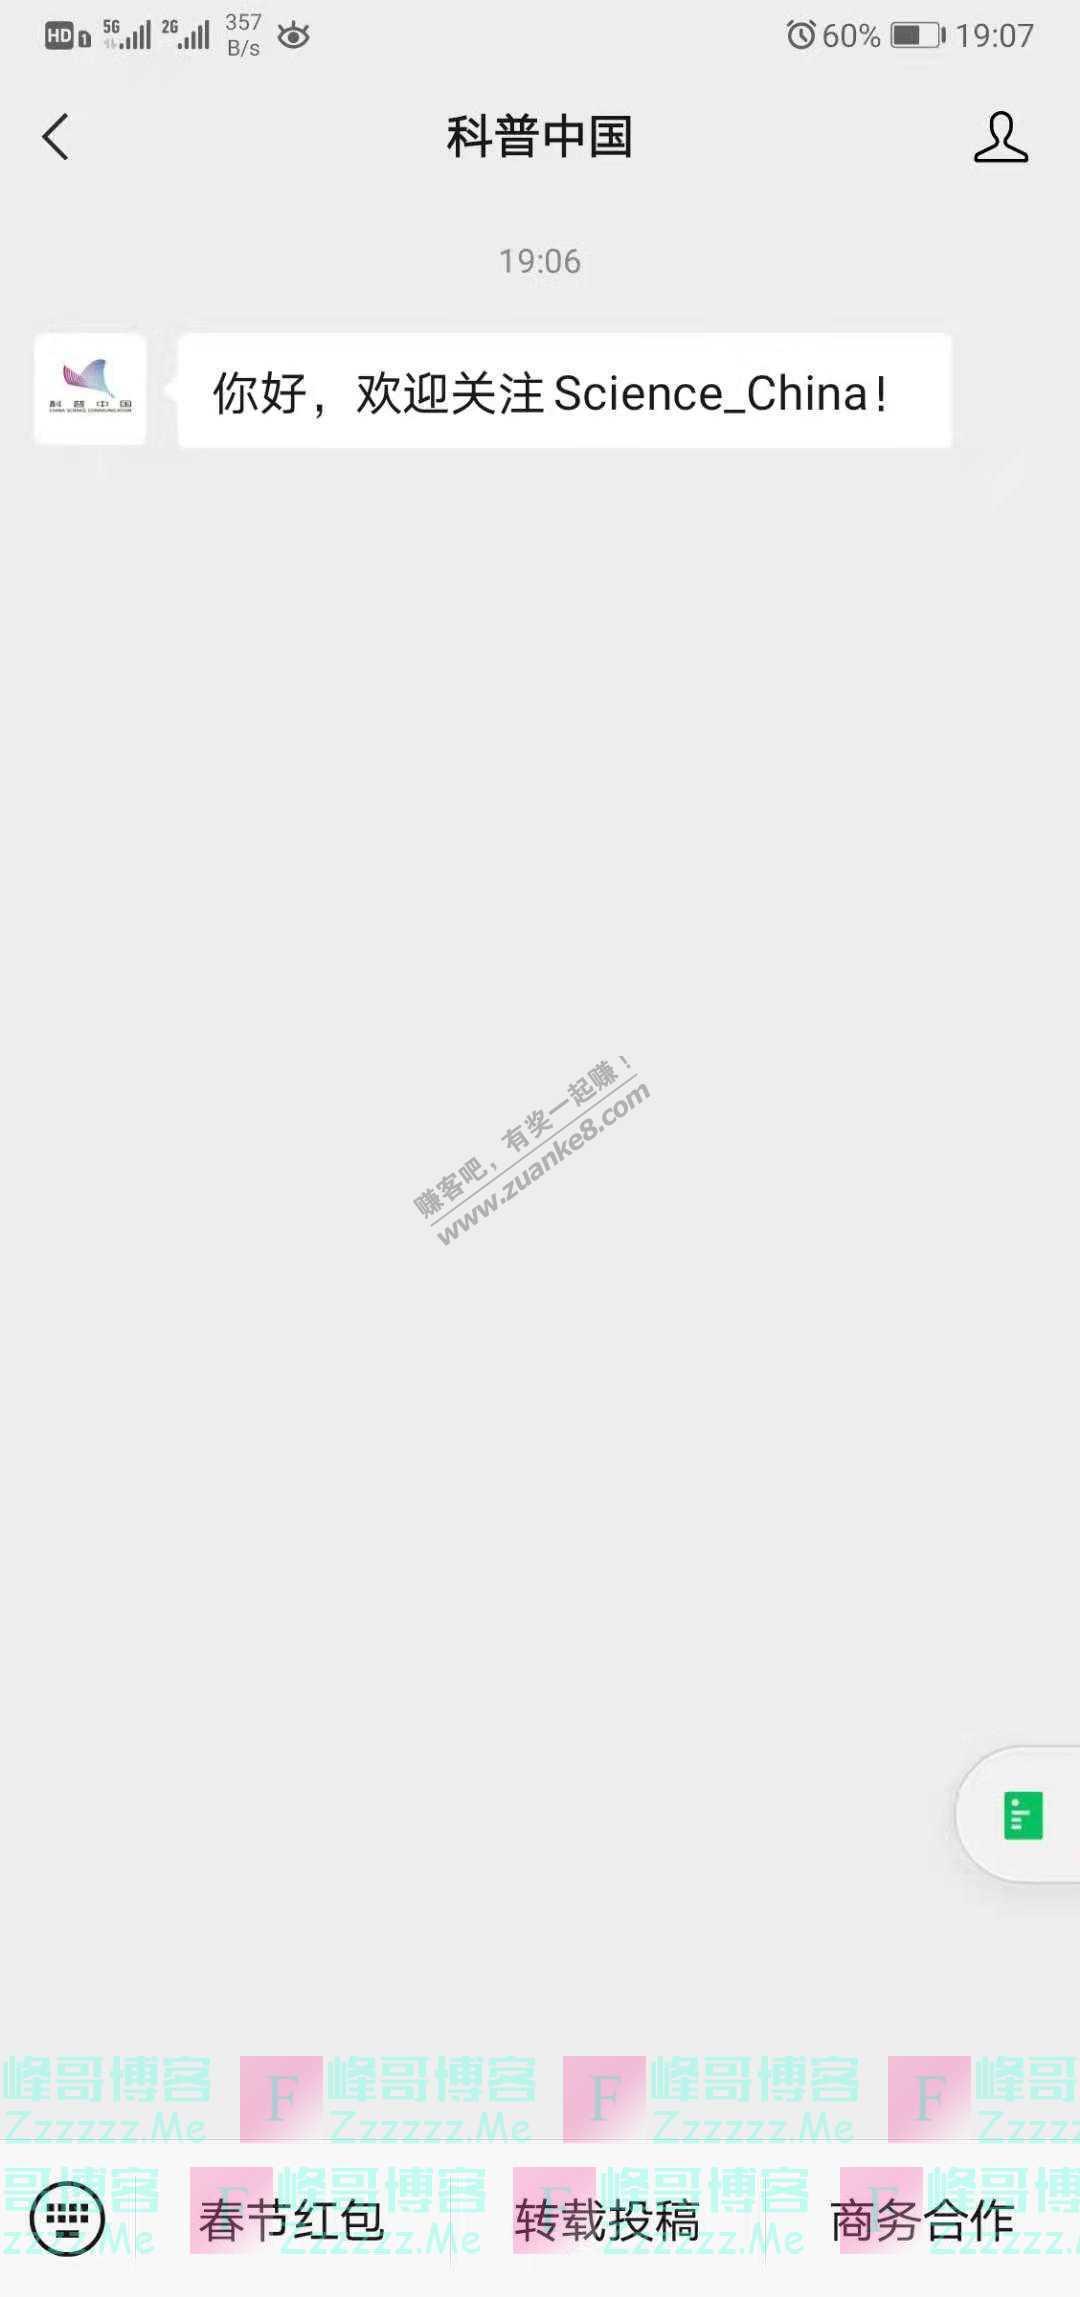 科普中国答题赢红包(2月26日截止)